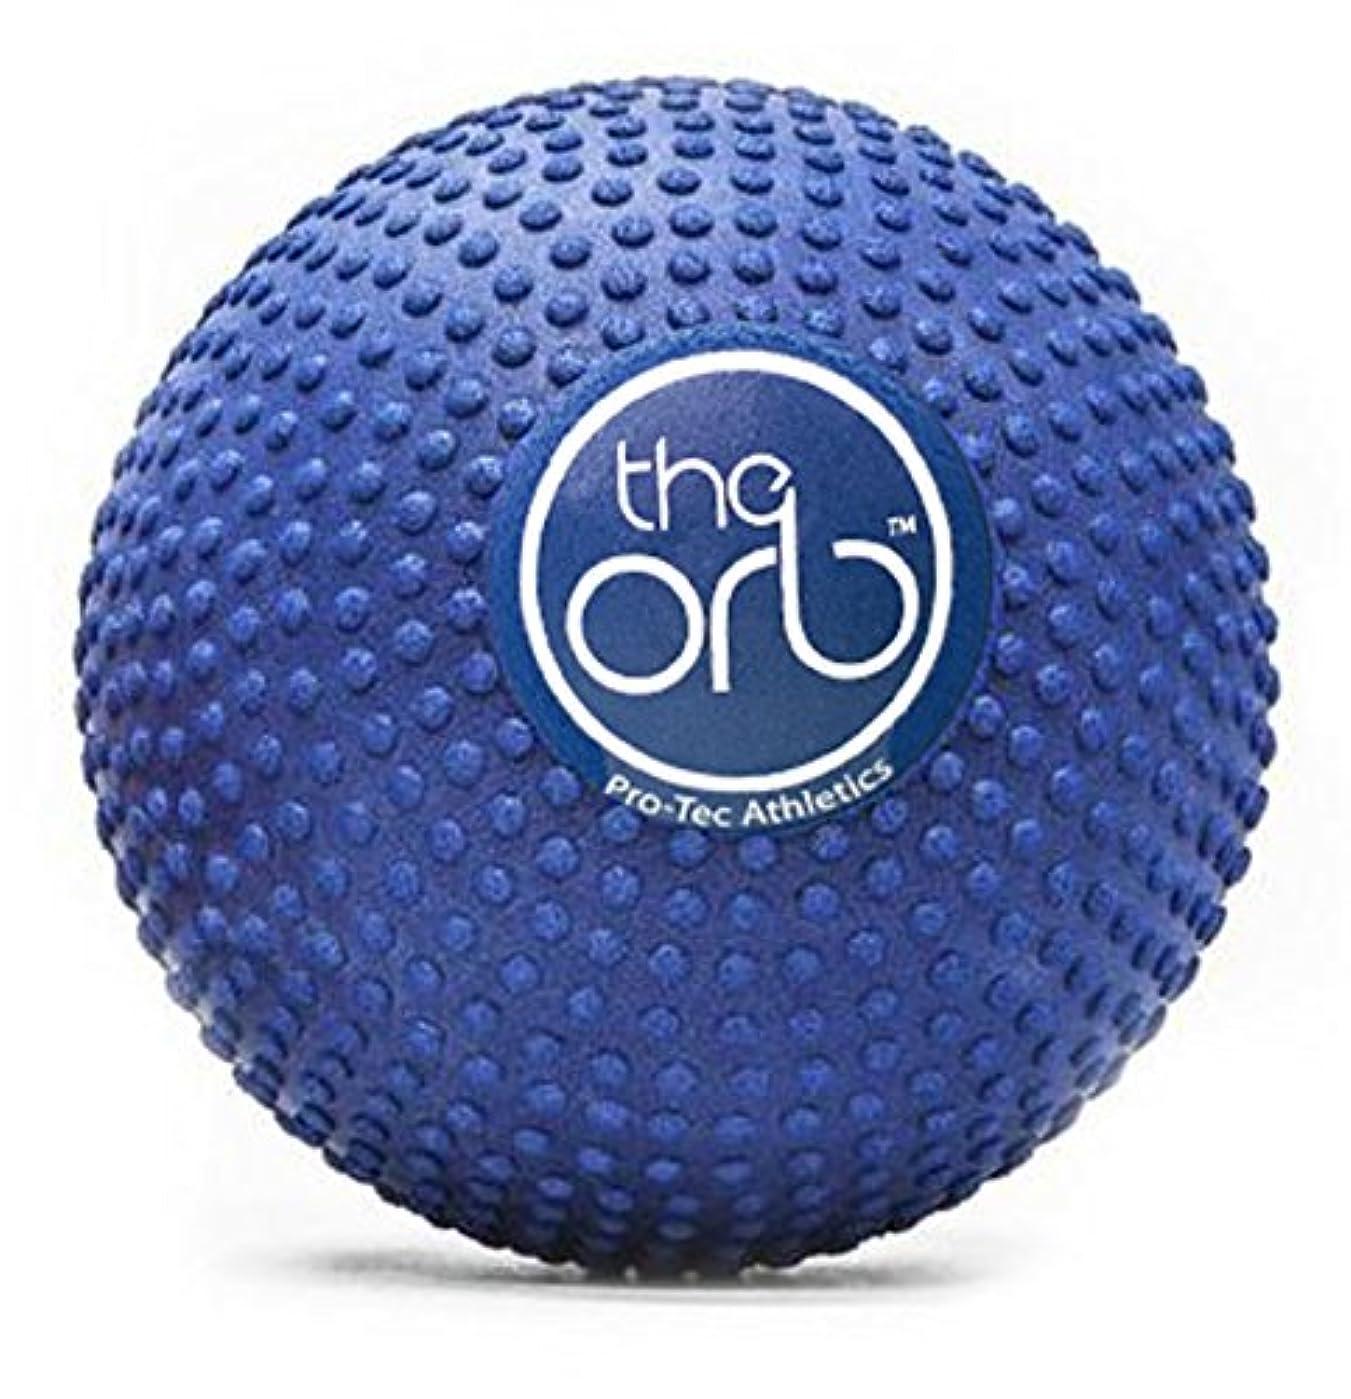 電気技師金銭的な良心的Pro-Tec Athletics(プロテックアスレチックス) The Orb 5